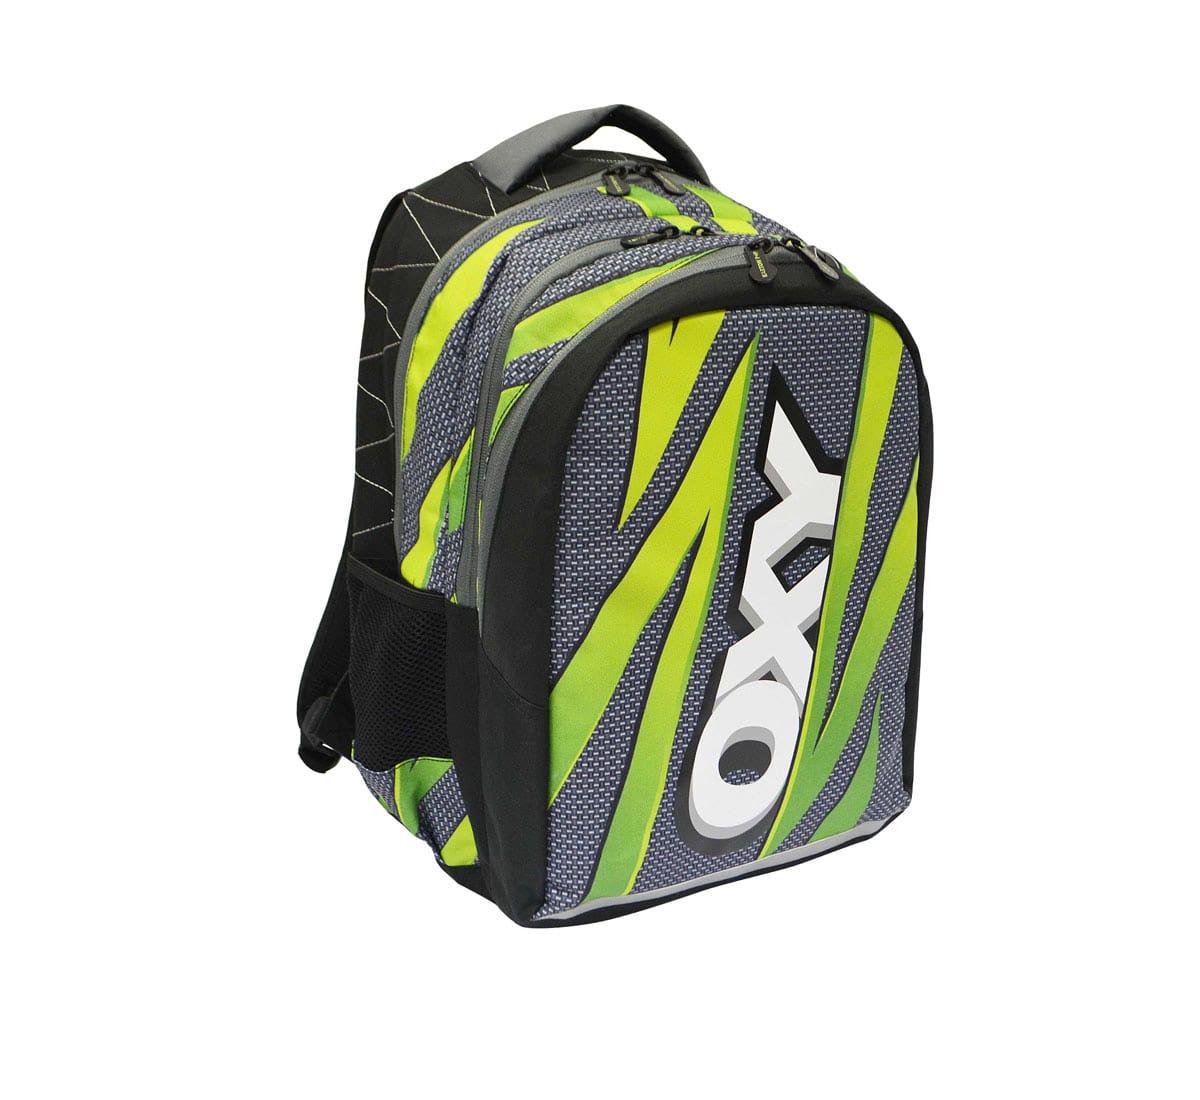 c3eda30095e Studentský batoh OXY One Green - Školní potřeby » OXY STUDENTSKÉ ...